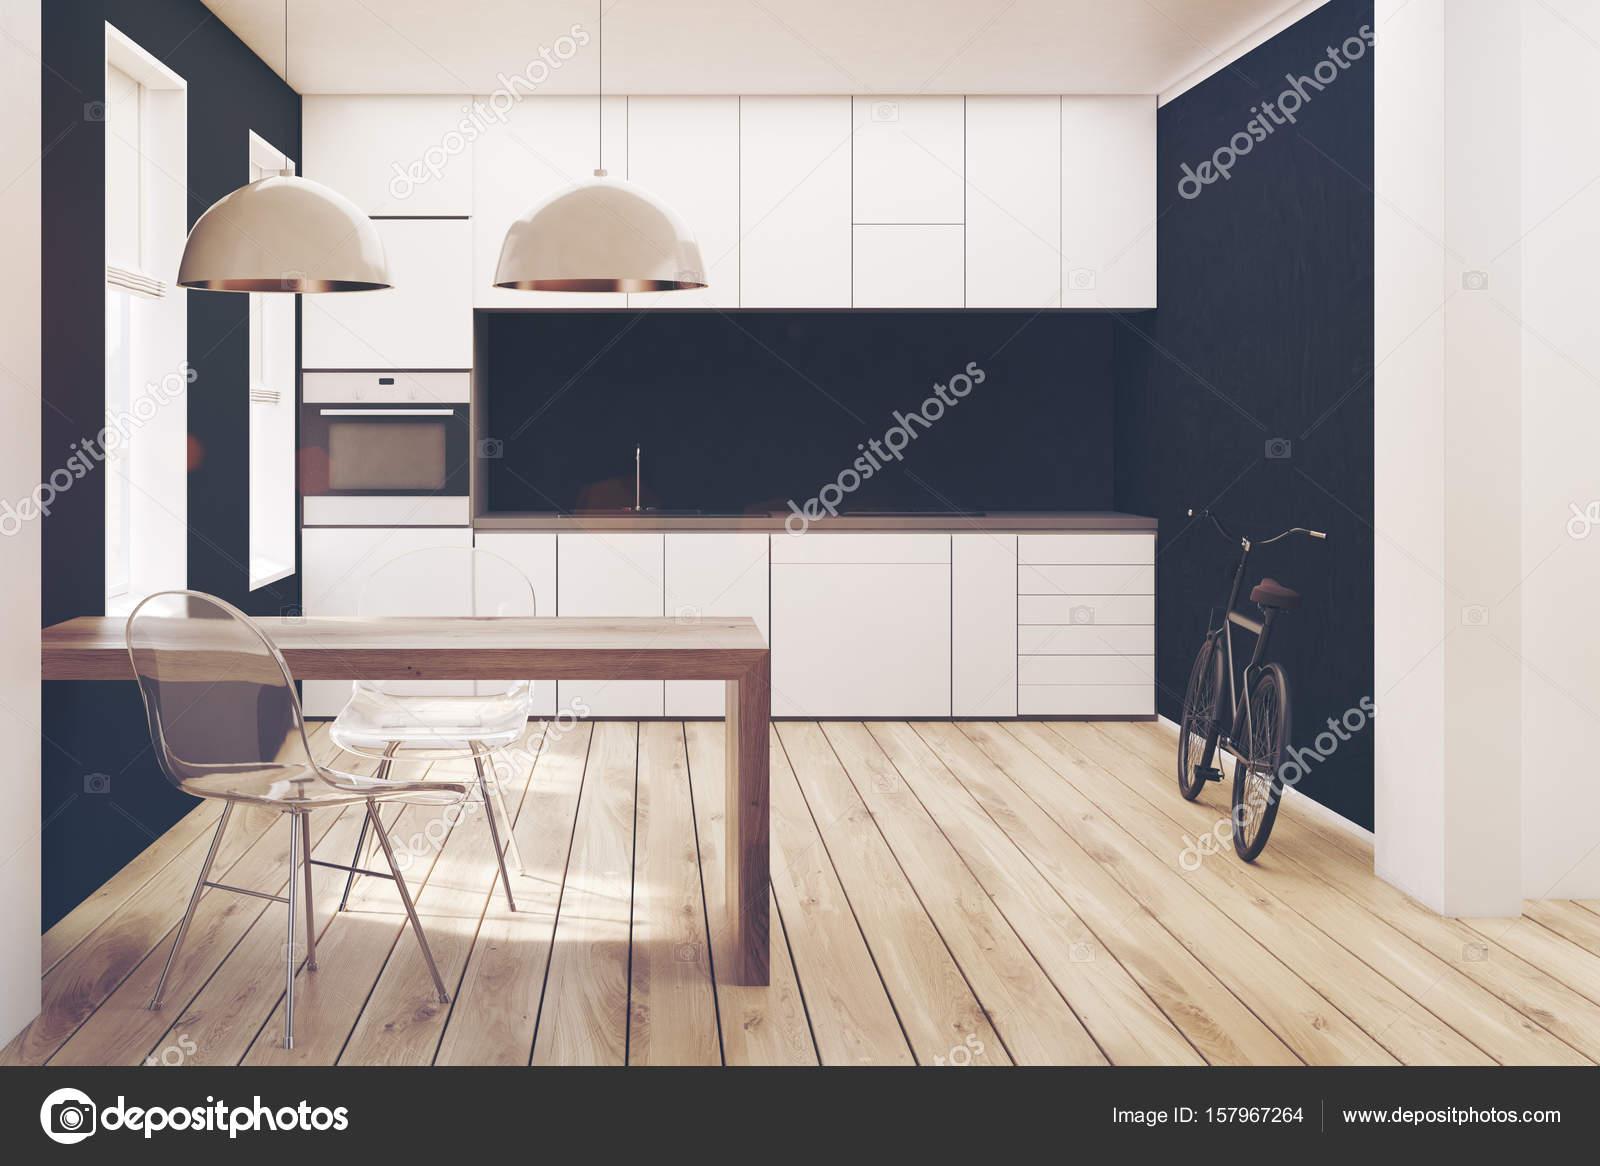 Cozinha Branca E Preta Piso De Madeira Em Tons Fotografias De